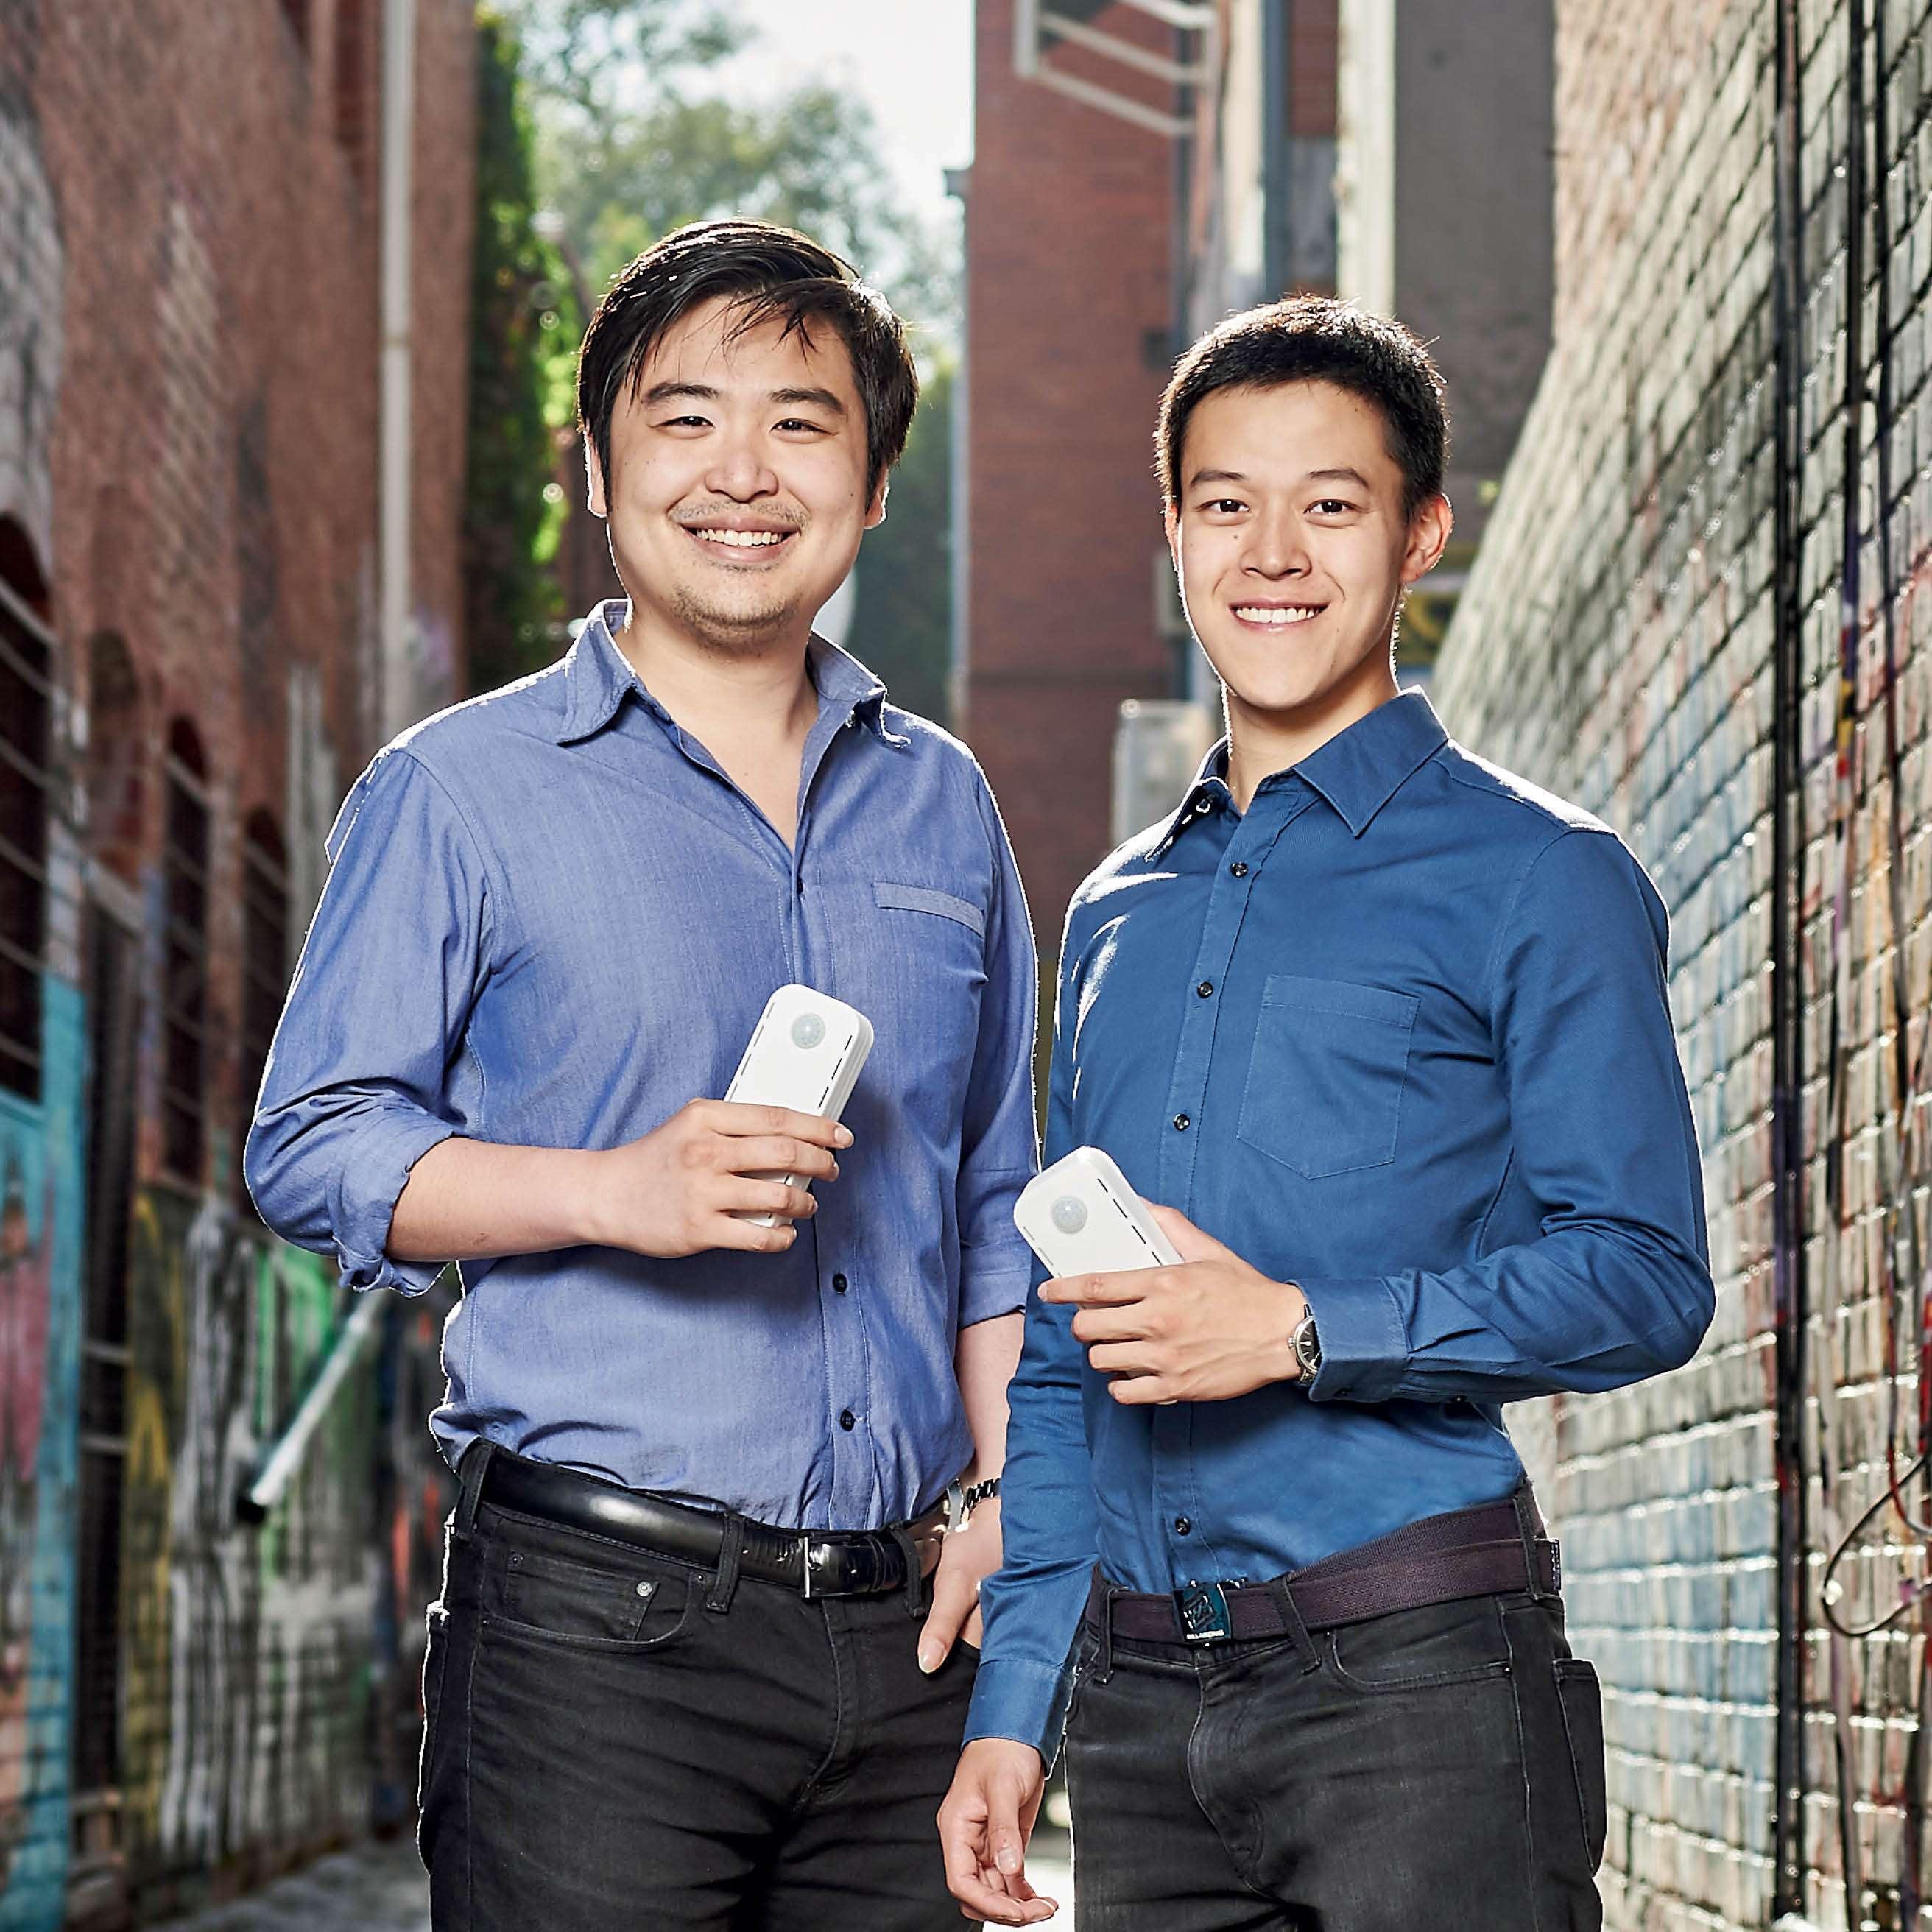 David Mah and Nigel Ang